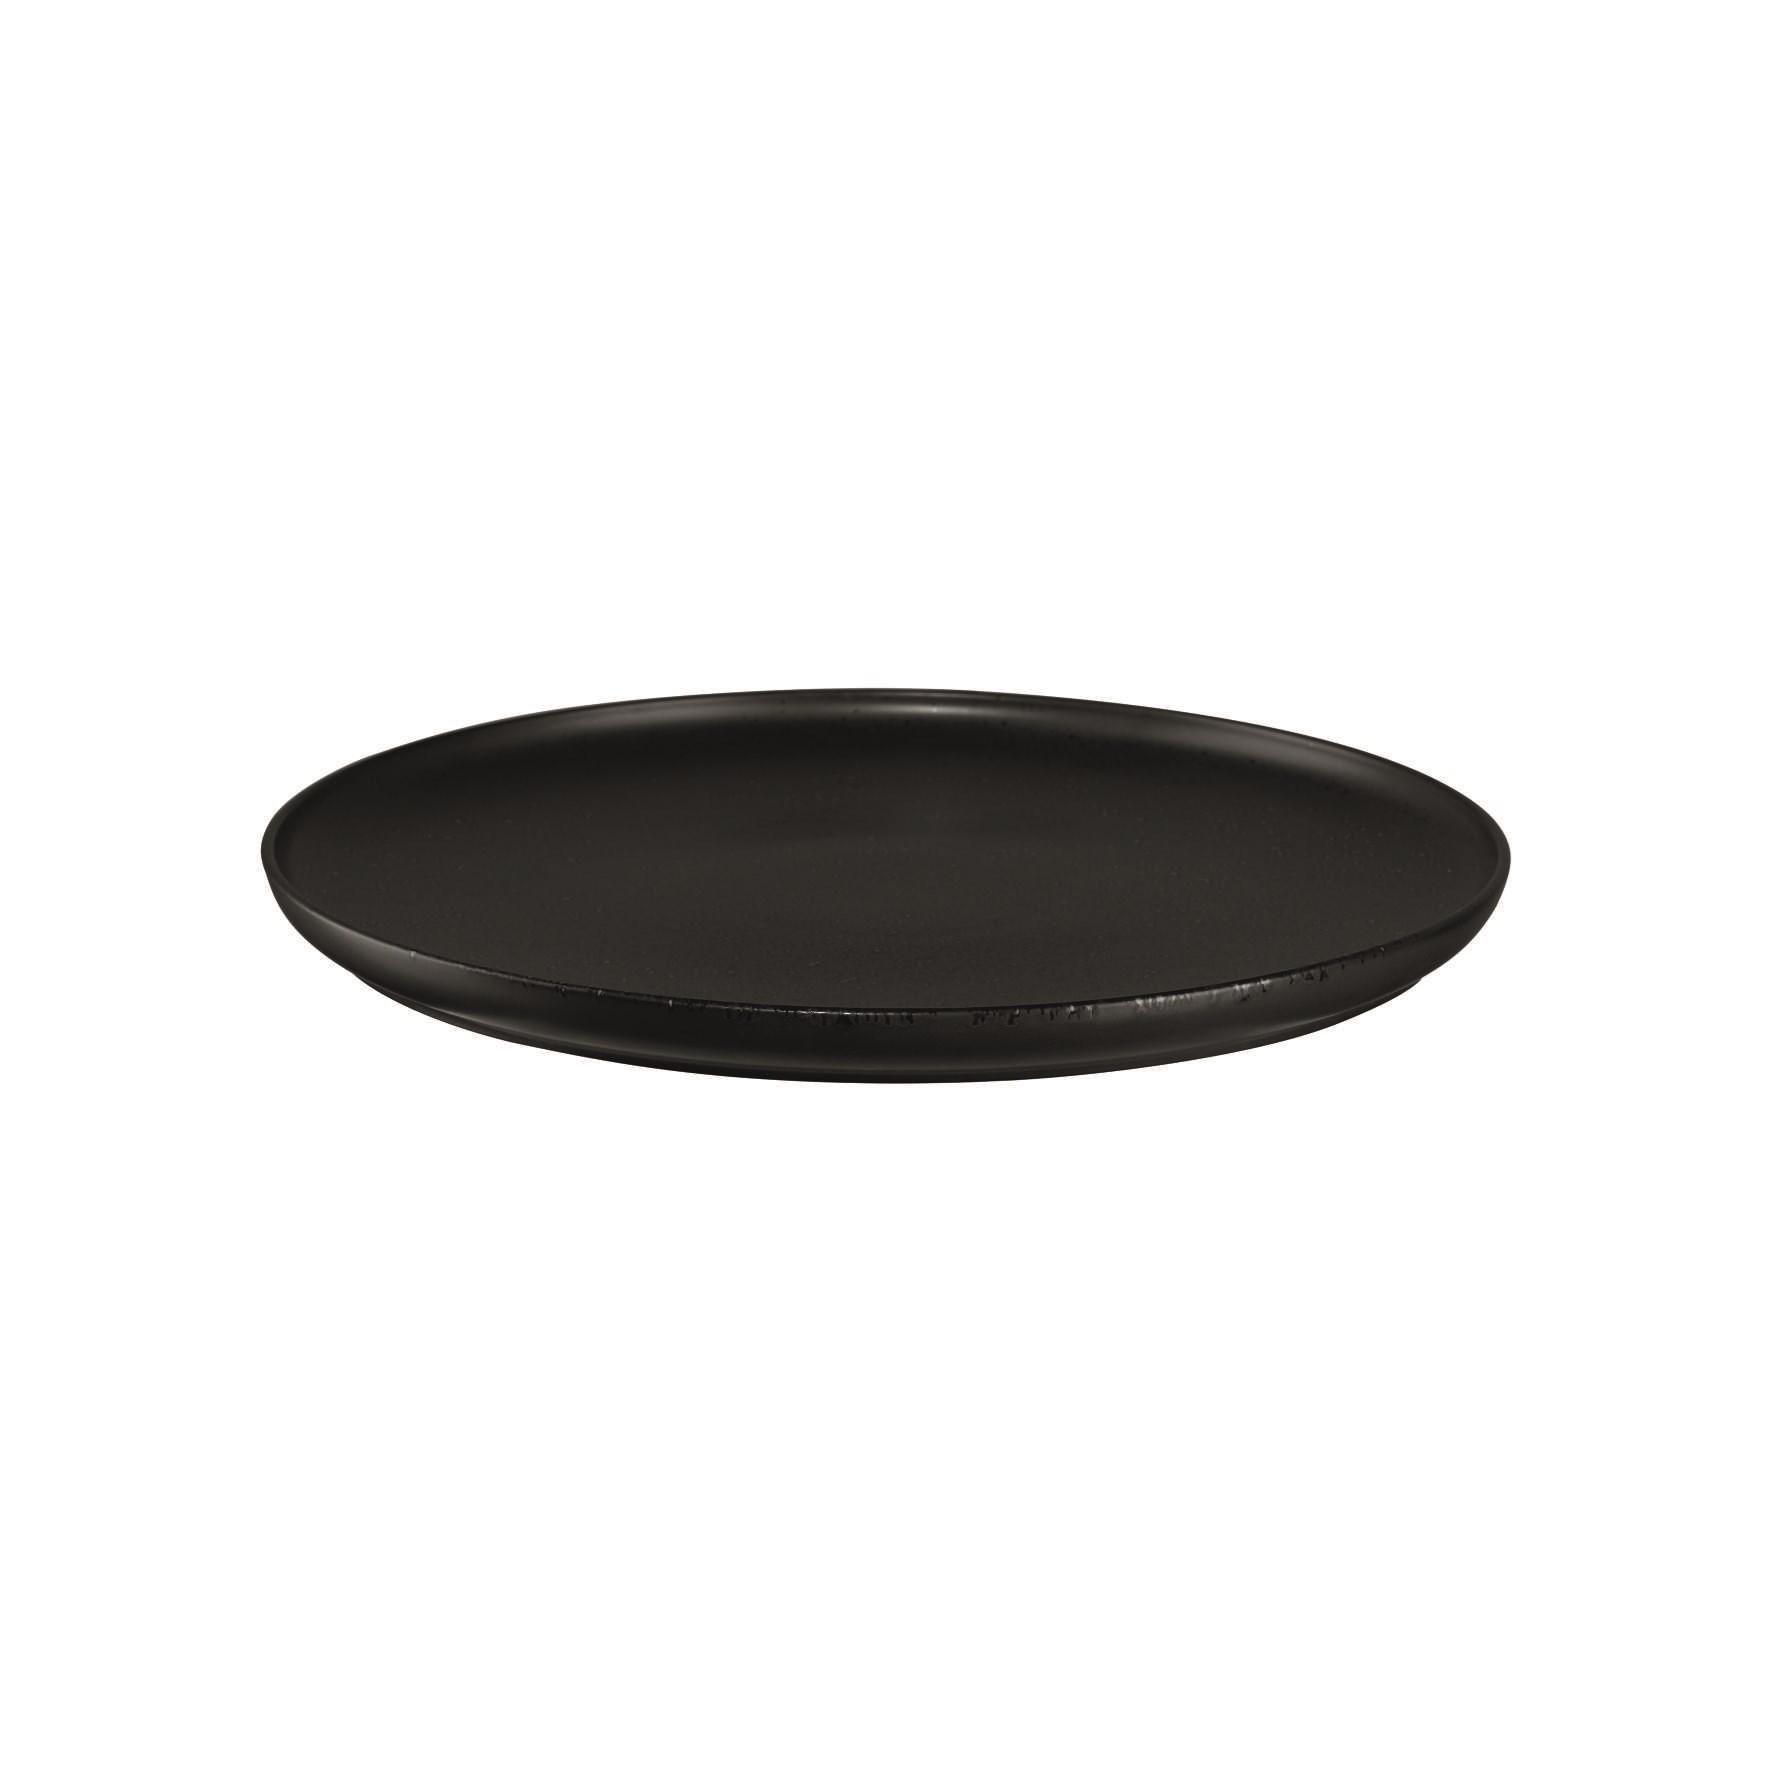 Dezertní talíř COPPA KURO 21 cm_1